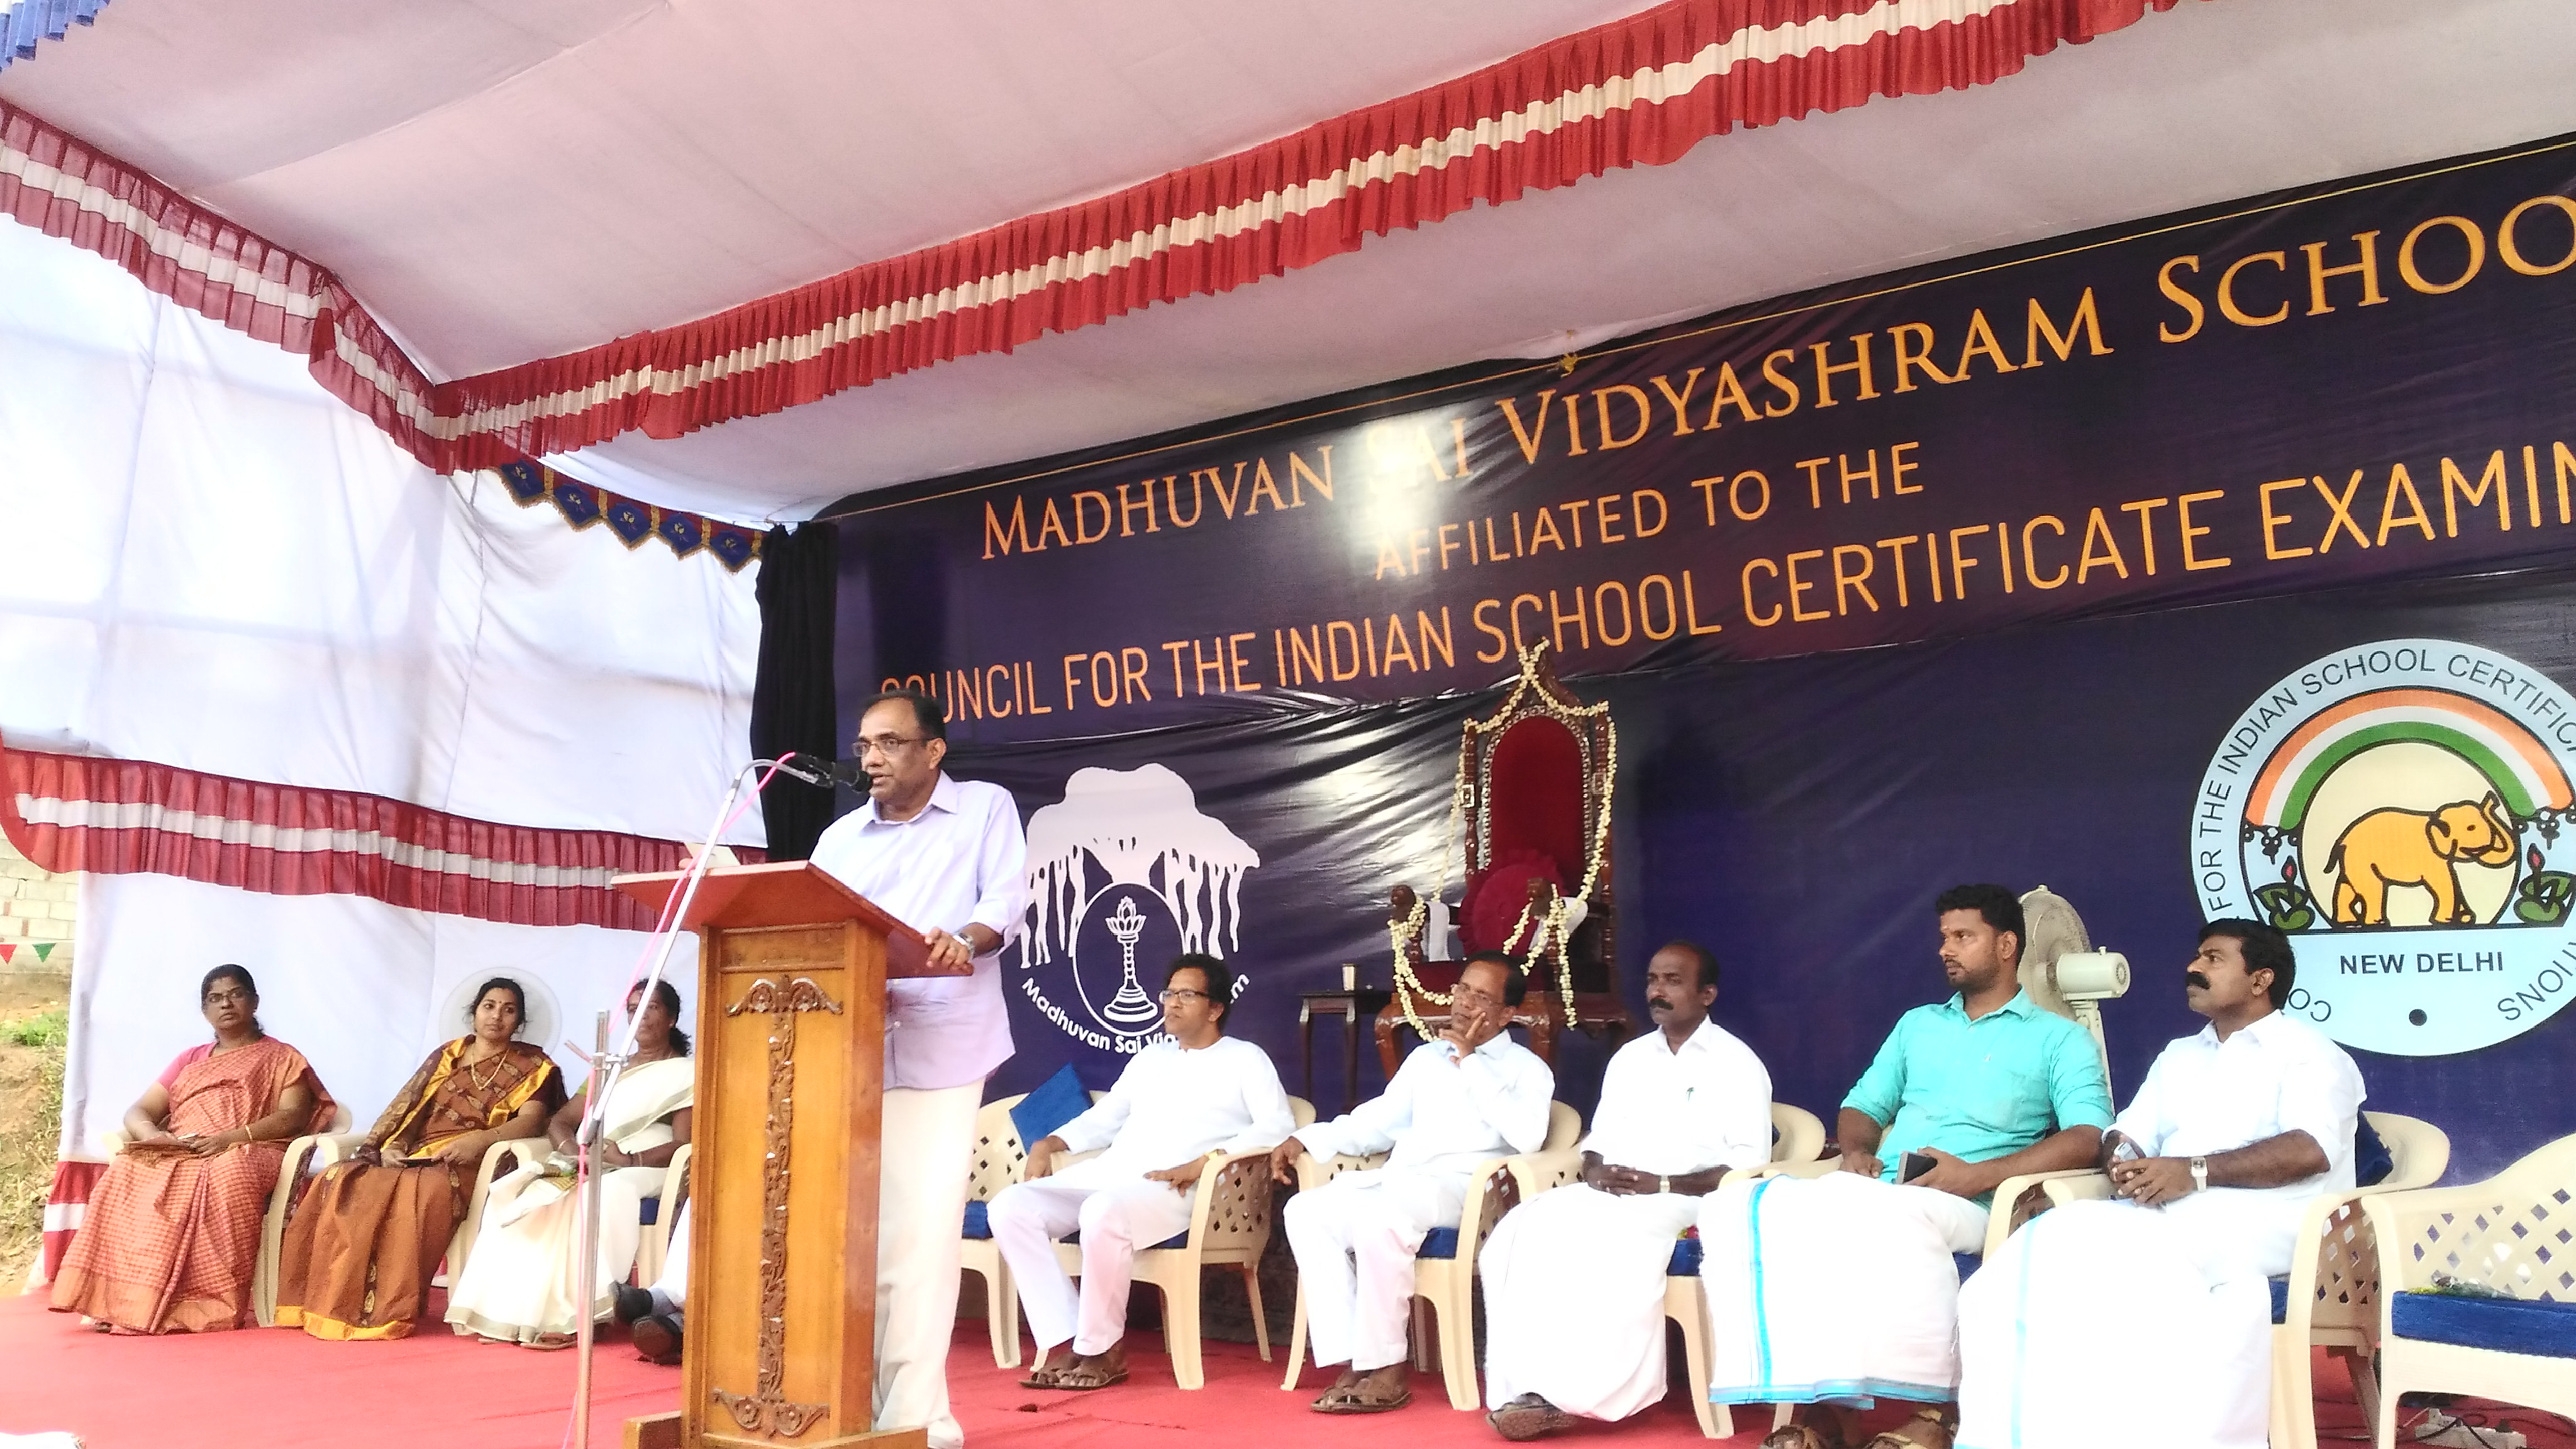 Madhuvan Sai Vidyashram - Declaration of